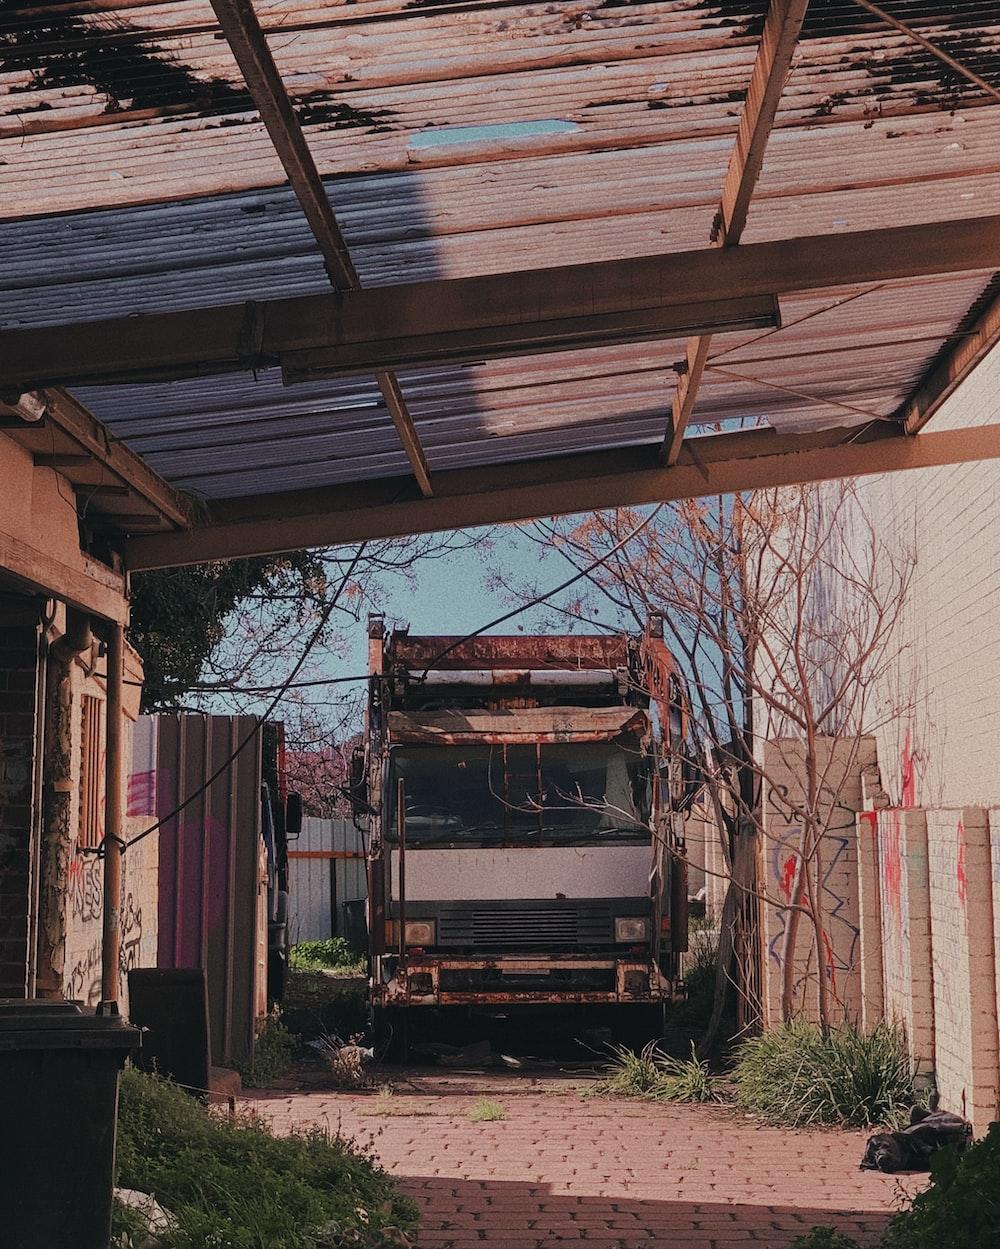 wrecked white vehicle on garage at daytime